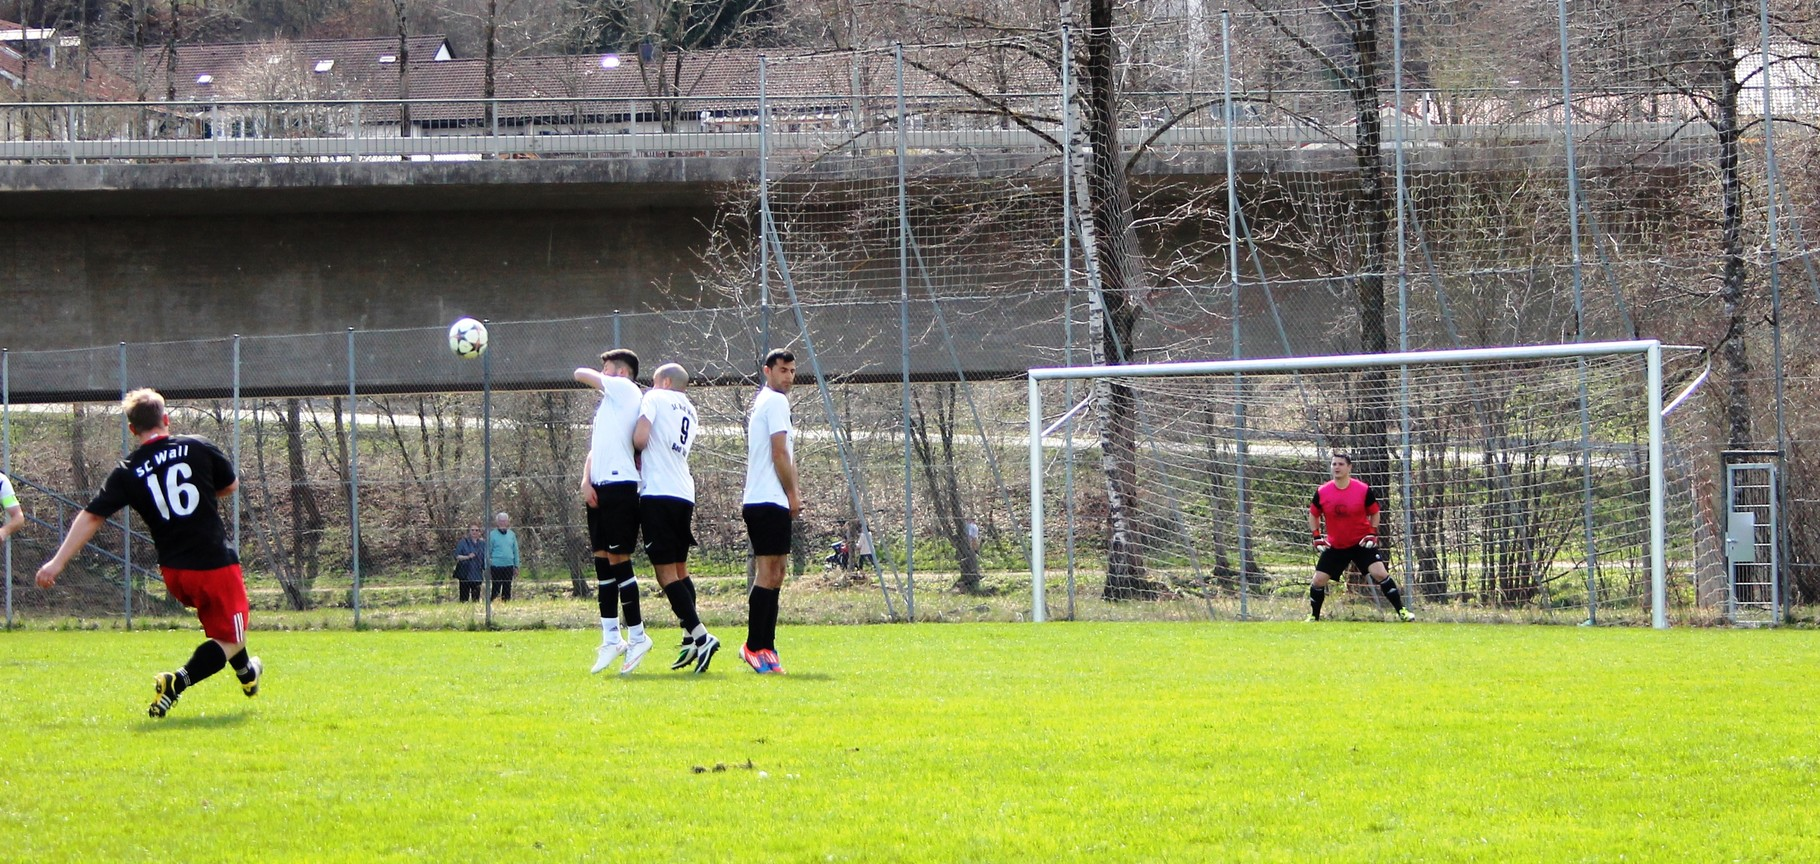 Gegen SC Rot Weiß Bad Tölz II (0:0) am 12.4.2015